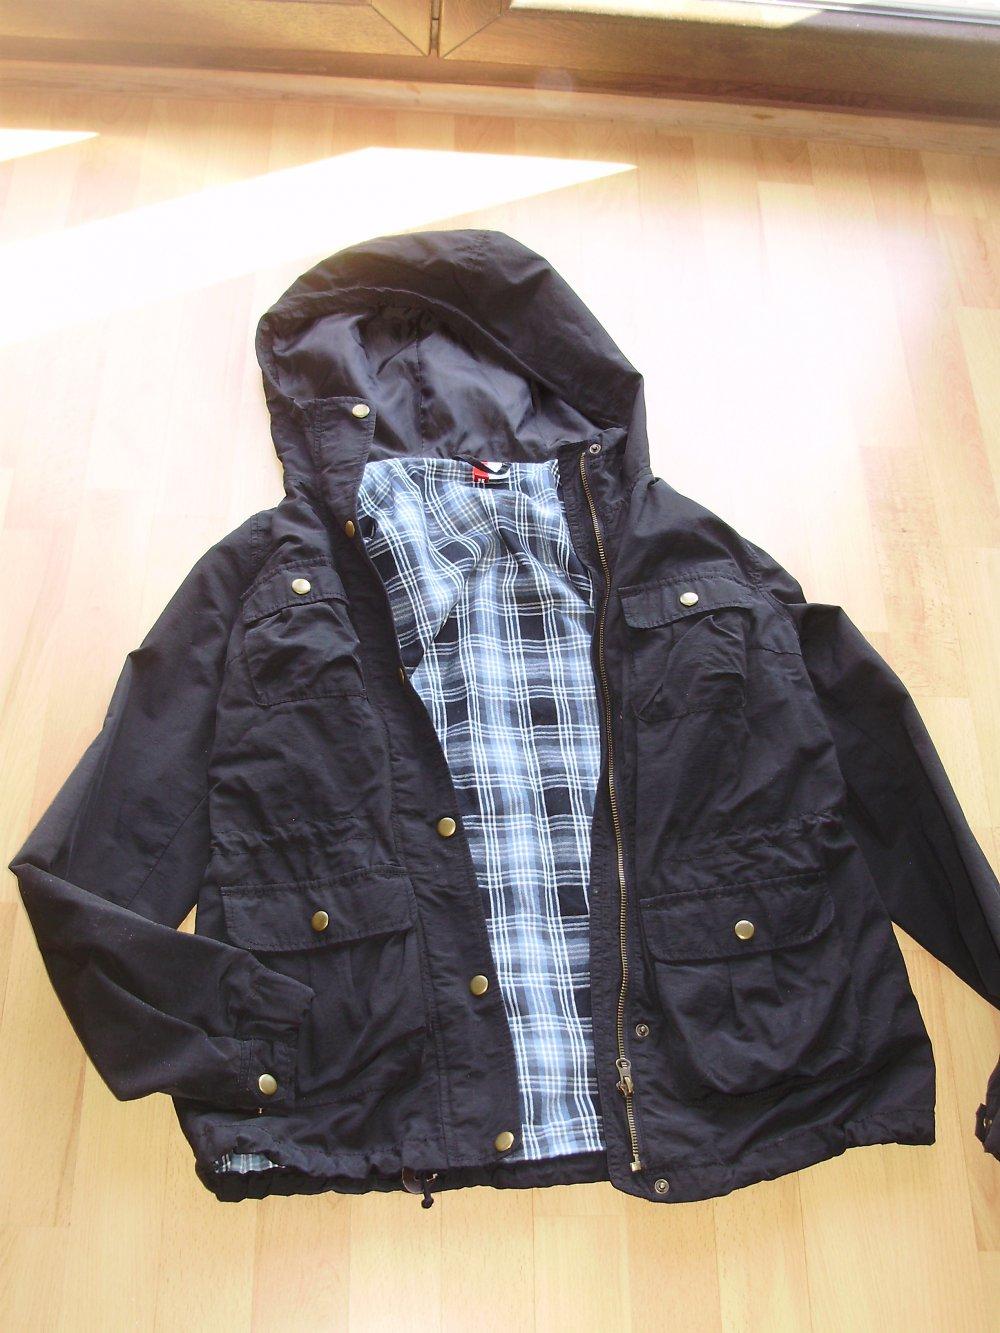 H&M Jacke schwarz leicht gefüttert viele Taschen Kapuze Gr S wie neu